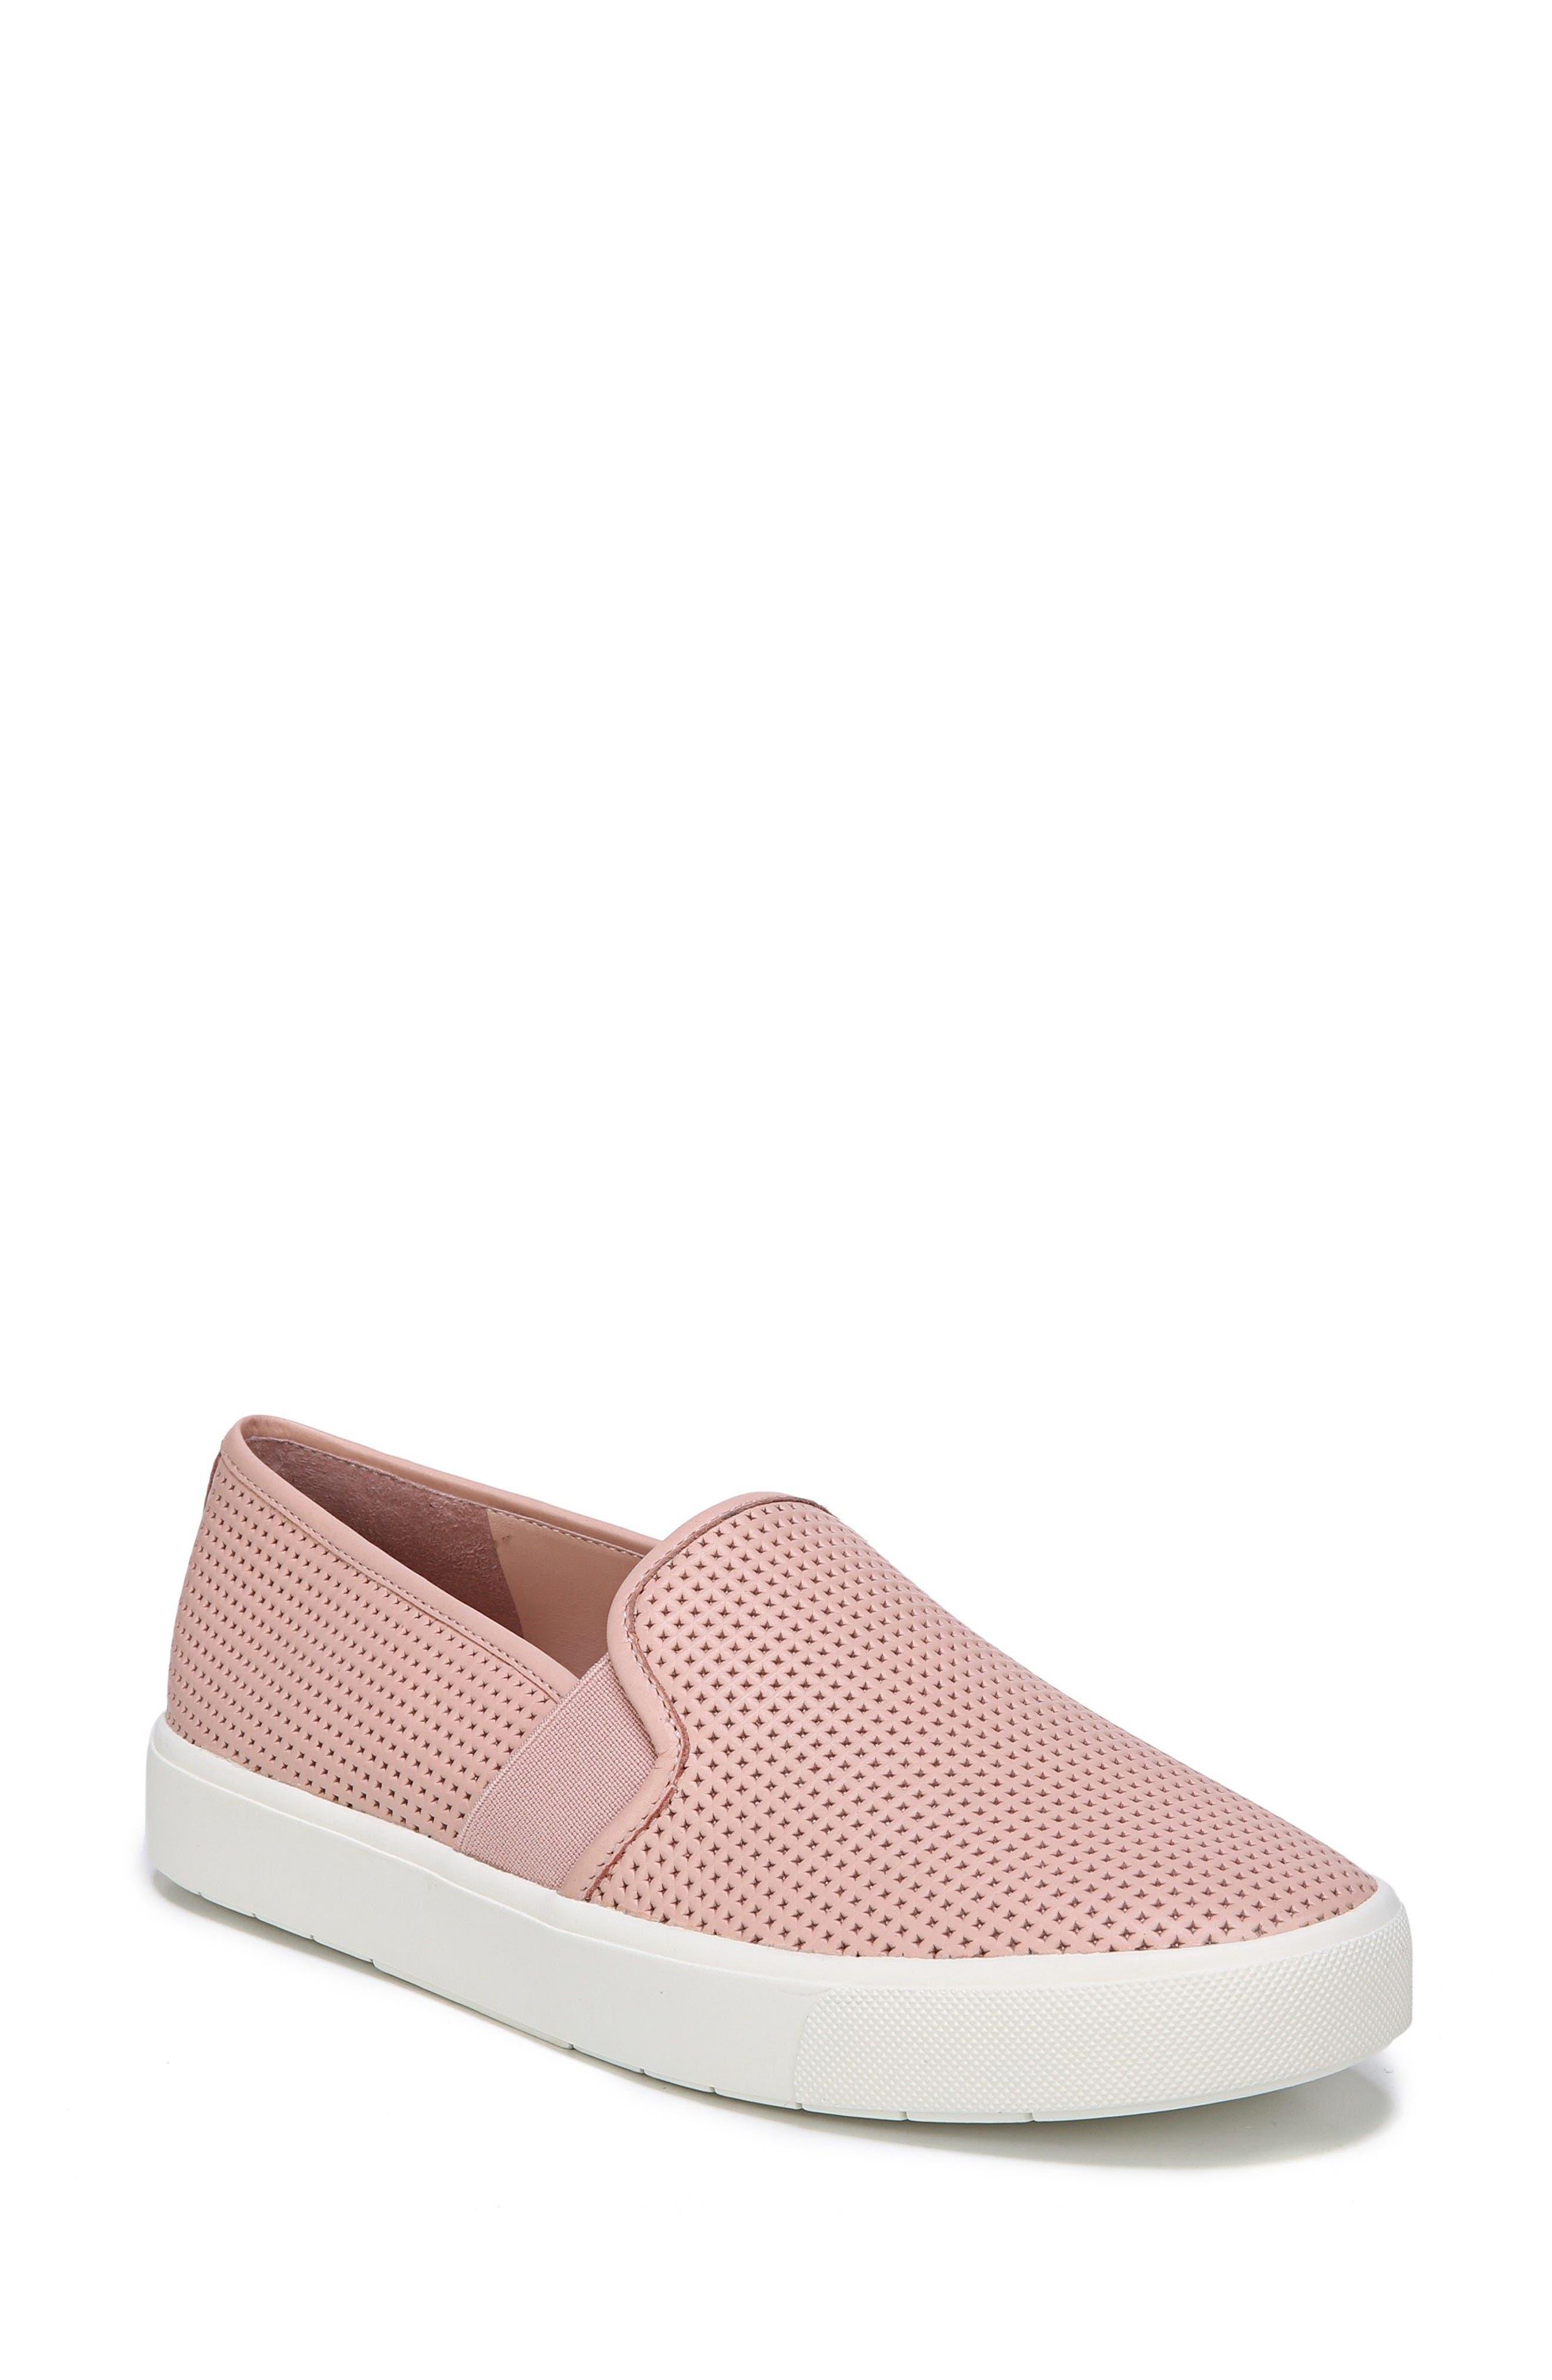 Main Image - Vince Blair 5 Slip-On Sneaker (Women)